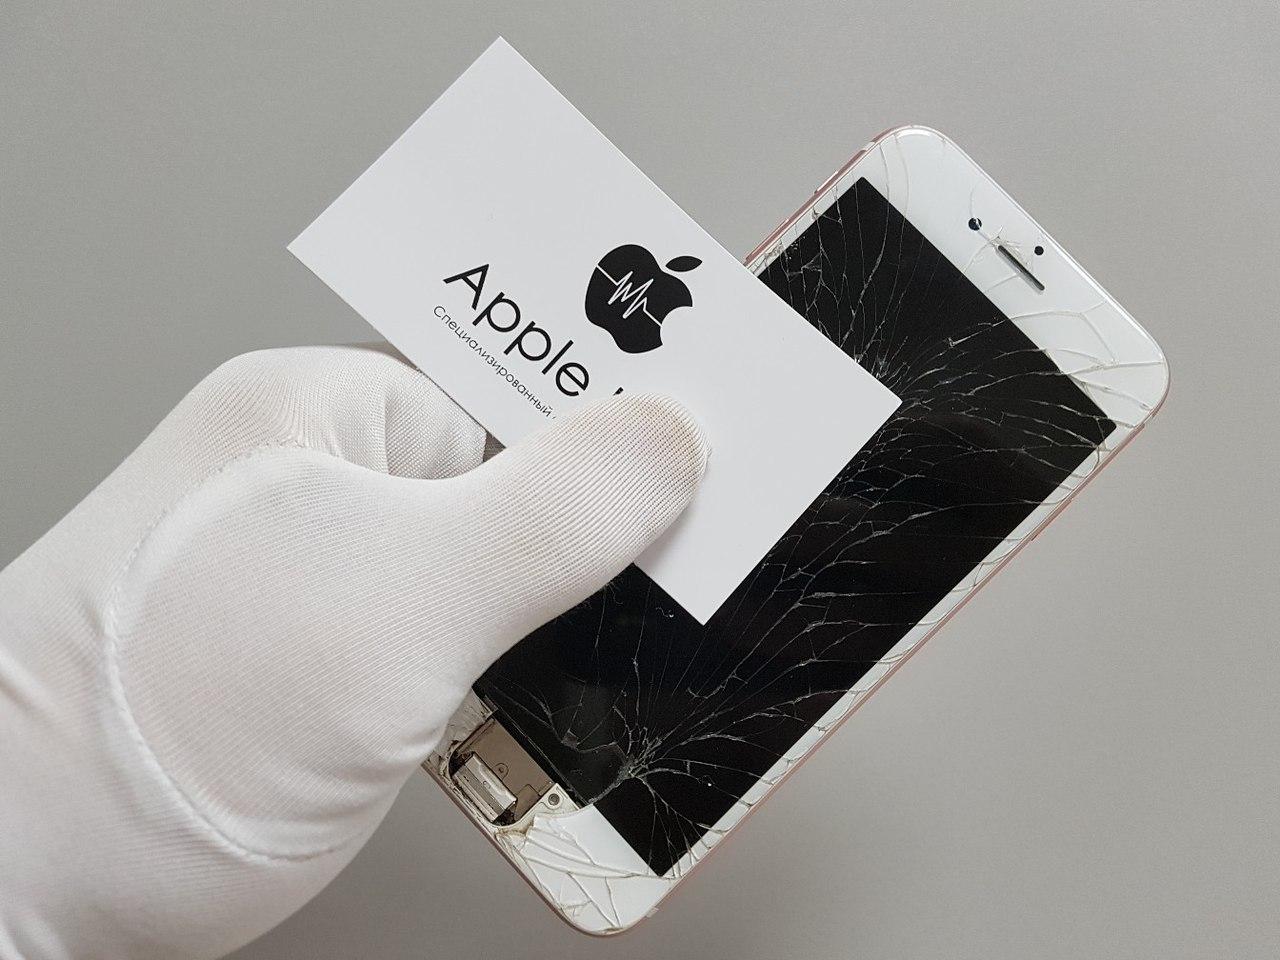 Сервисный центр техники Apple: быстрое устранение любых неисправностей